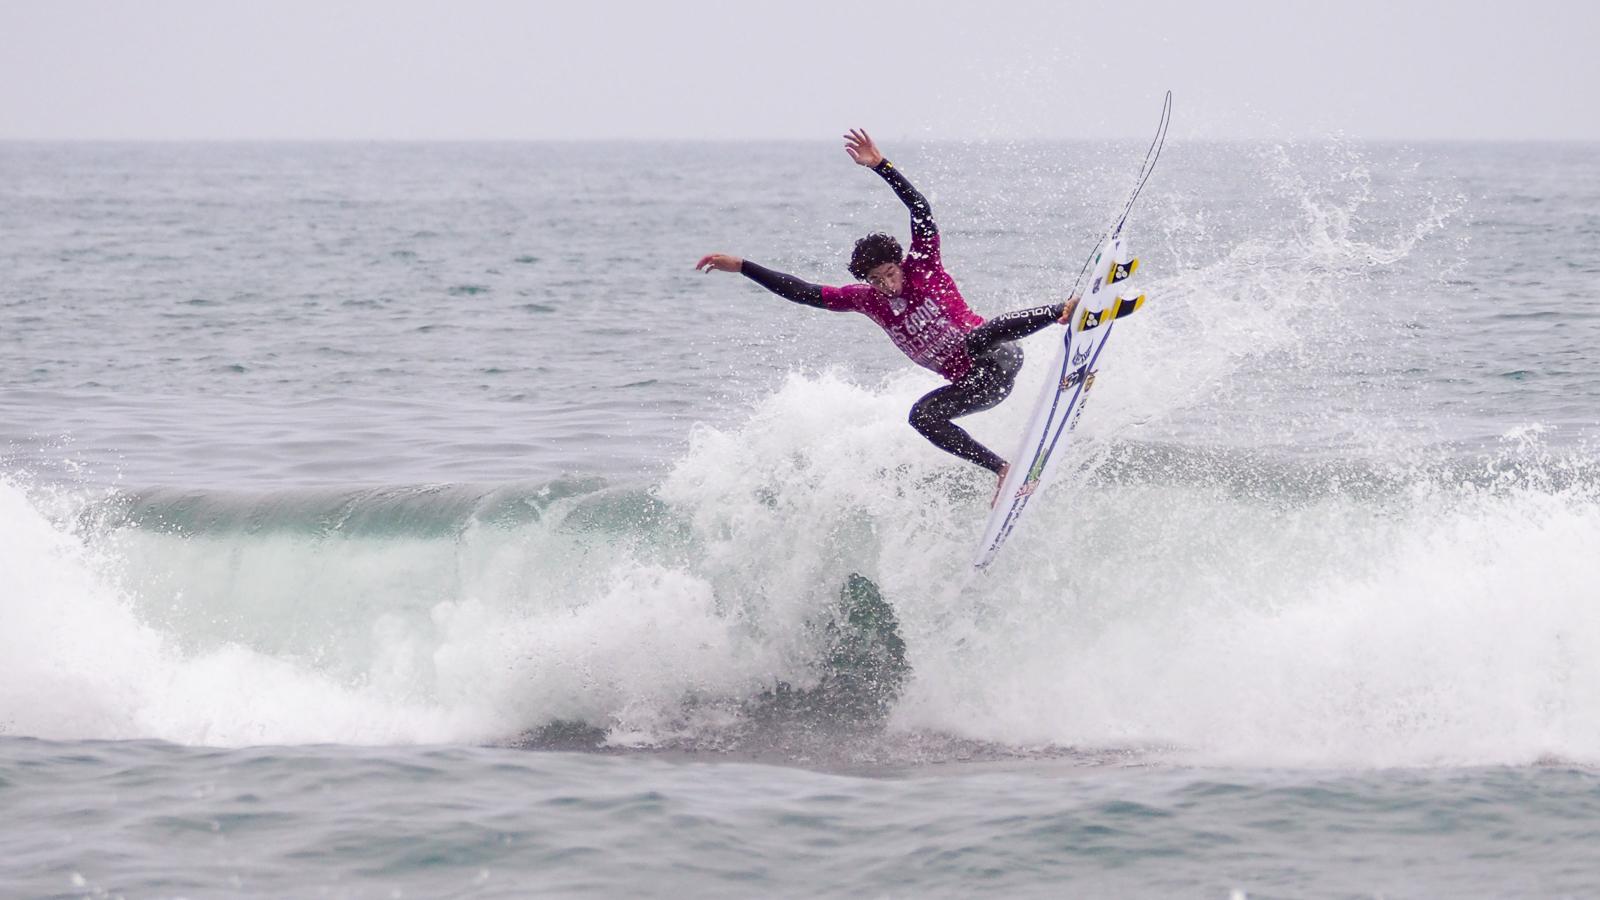 今回大注目だったヤゴ・ドラだったが自分のサーフィンを見せぬまま敗退。